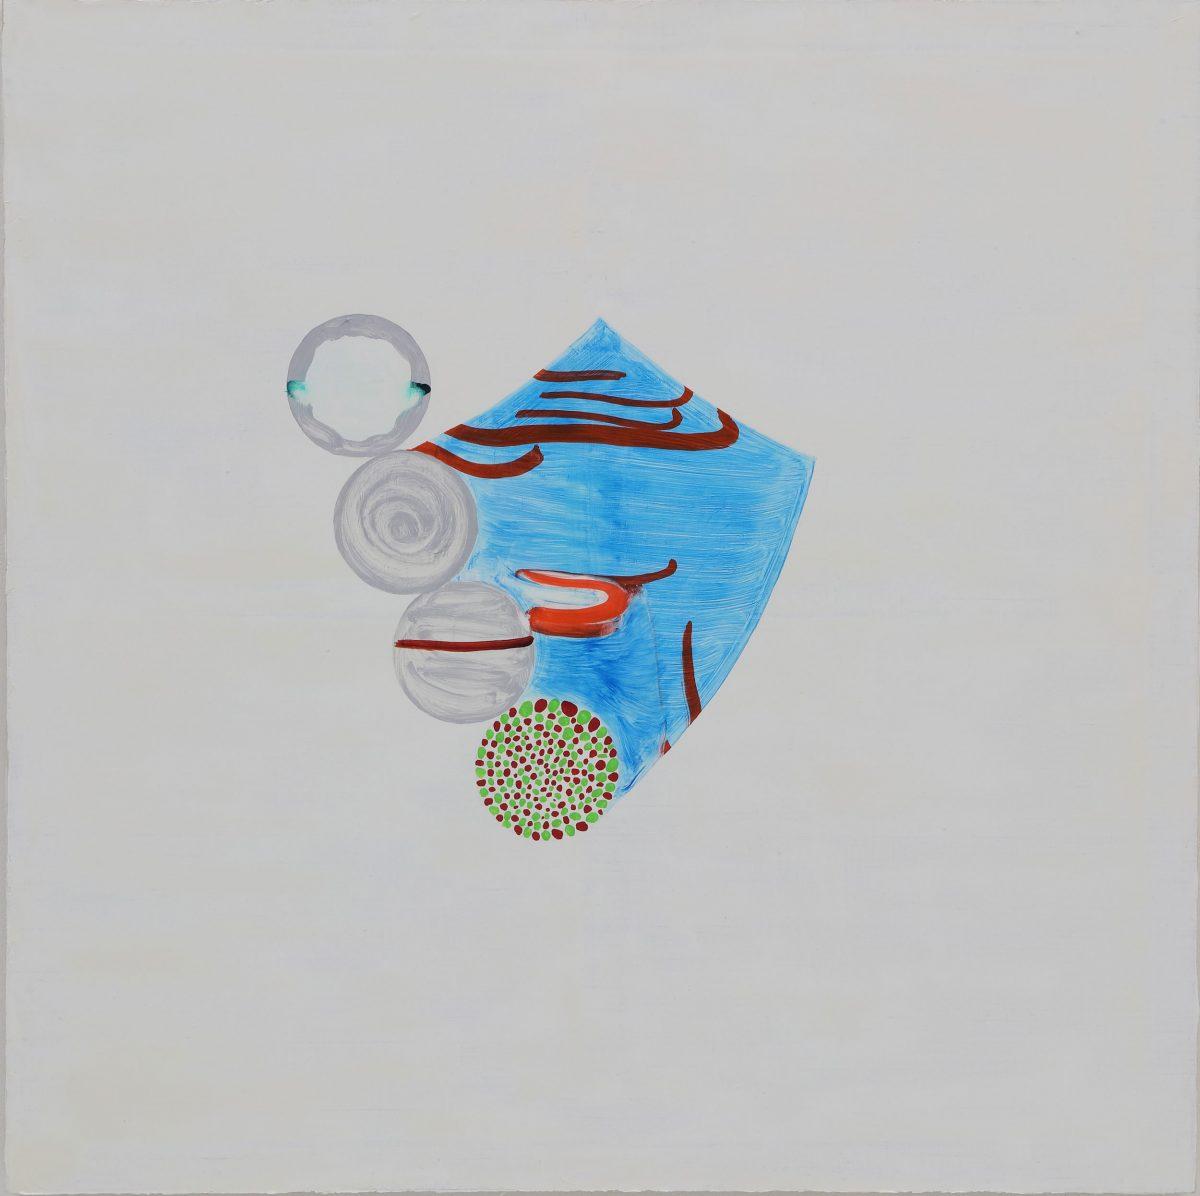 水金地火木<br /> 2019  キャンバスに油彩<br /> 100×100cm  <br /> ©O JUN, Courtesy of Mizuma Art Gallery<br /> 撮影:宮島径